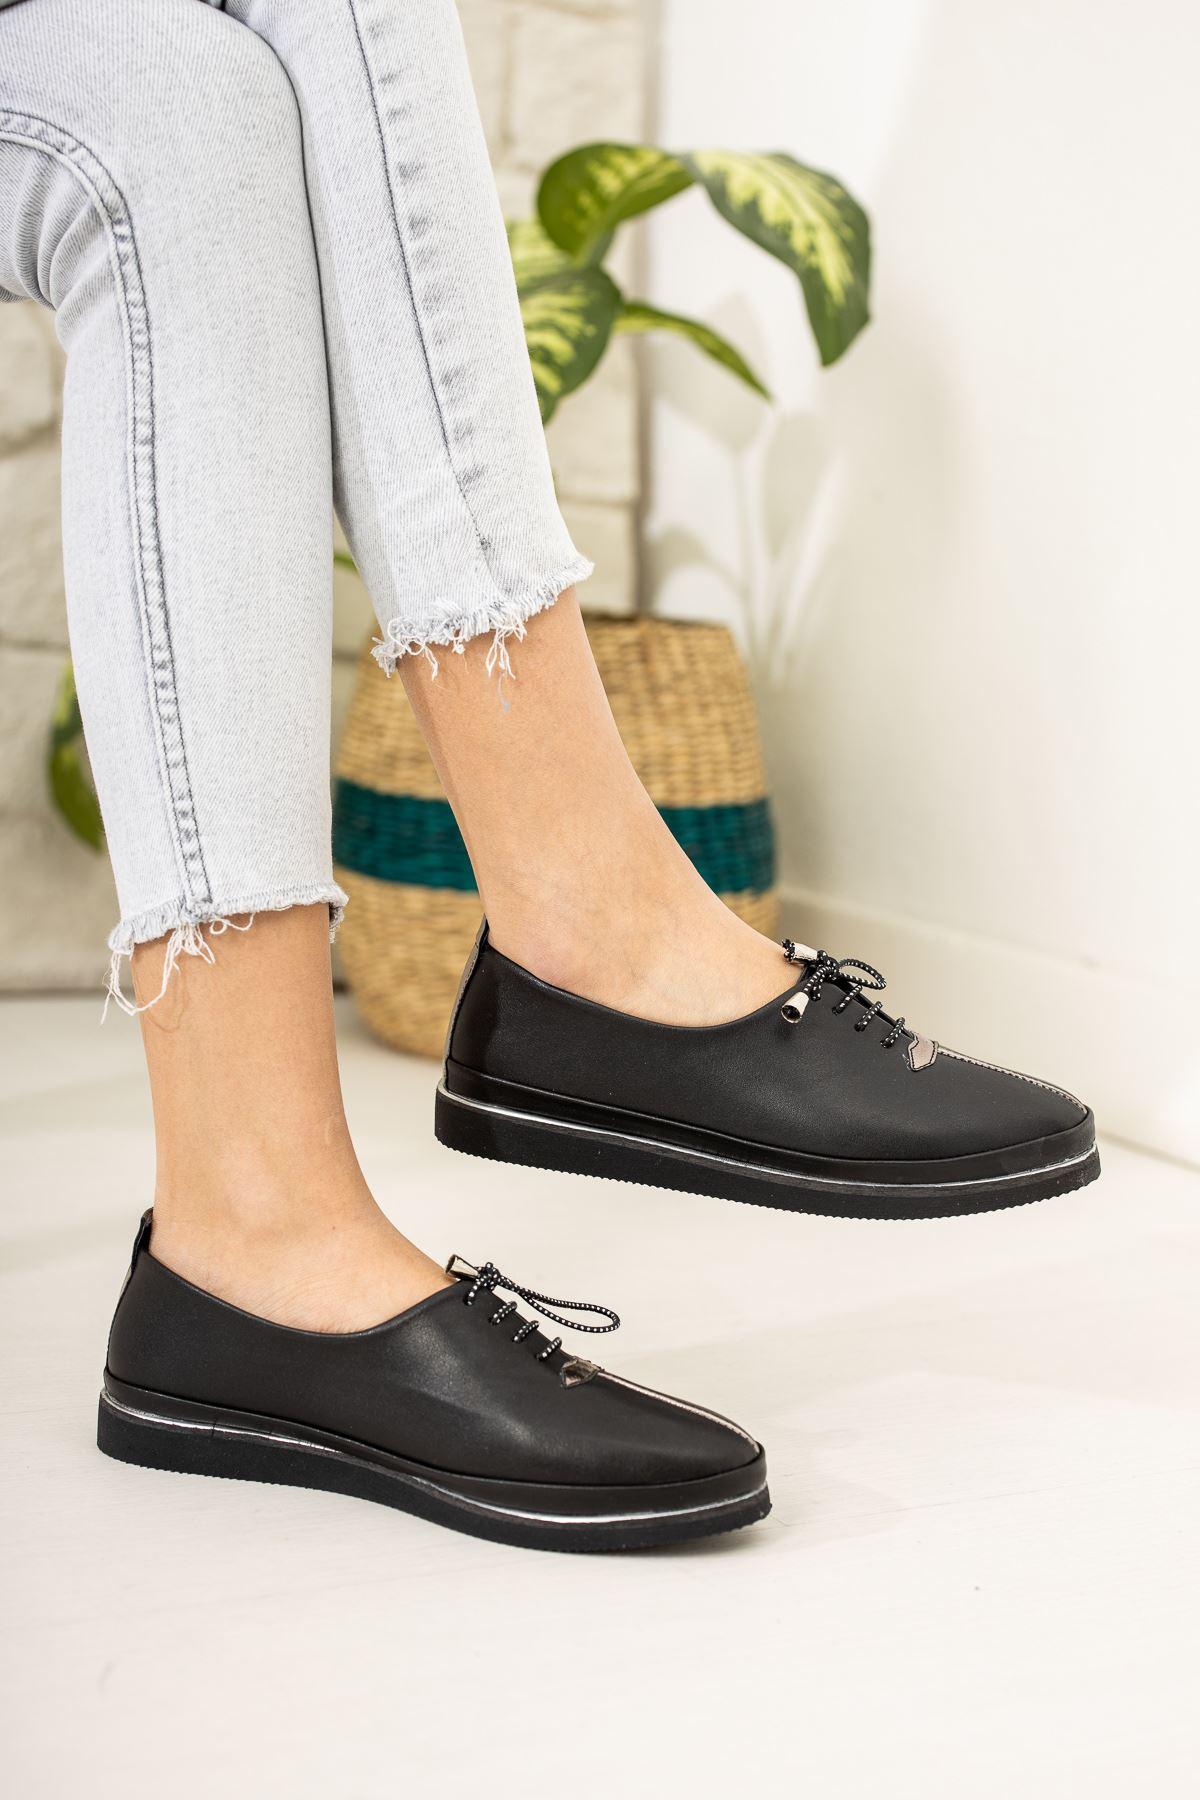 Ortapedik Pedli İçi Deri Siyah Cilt Ayakkabı